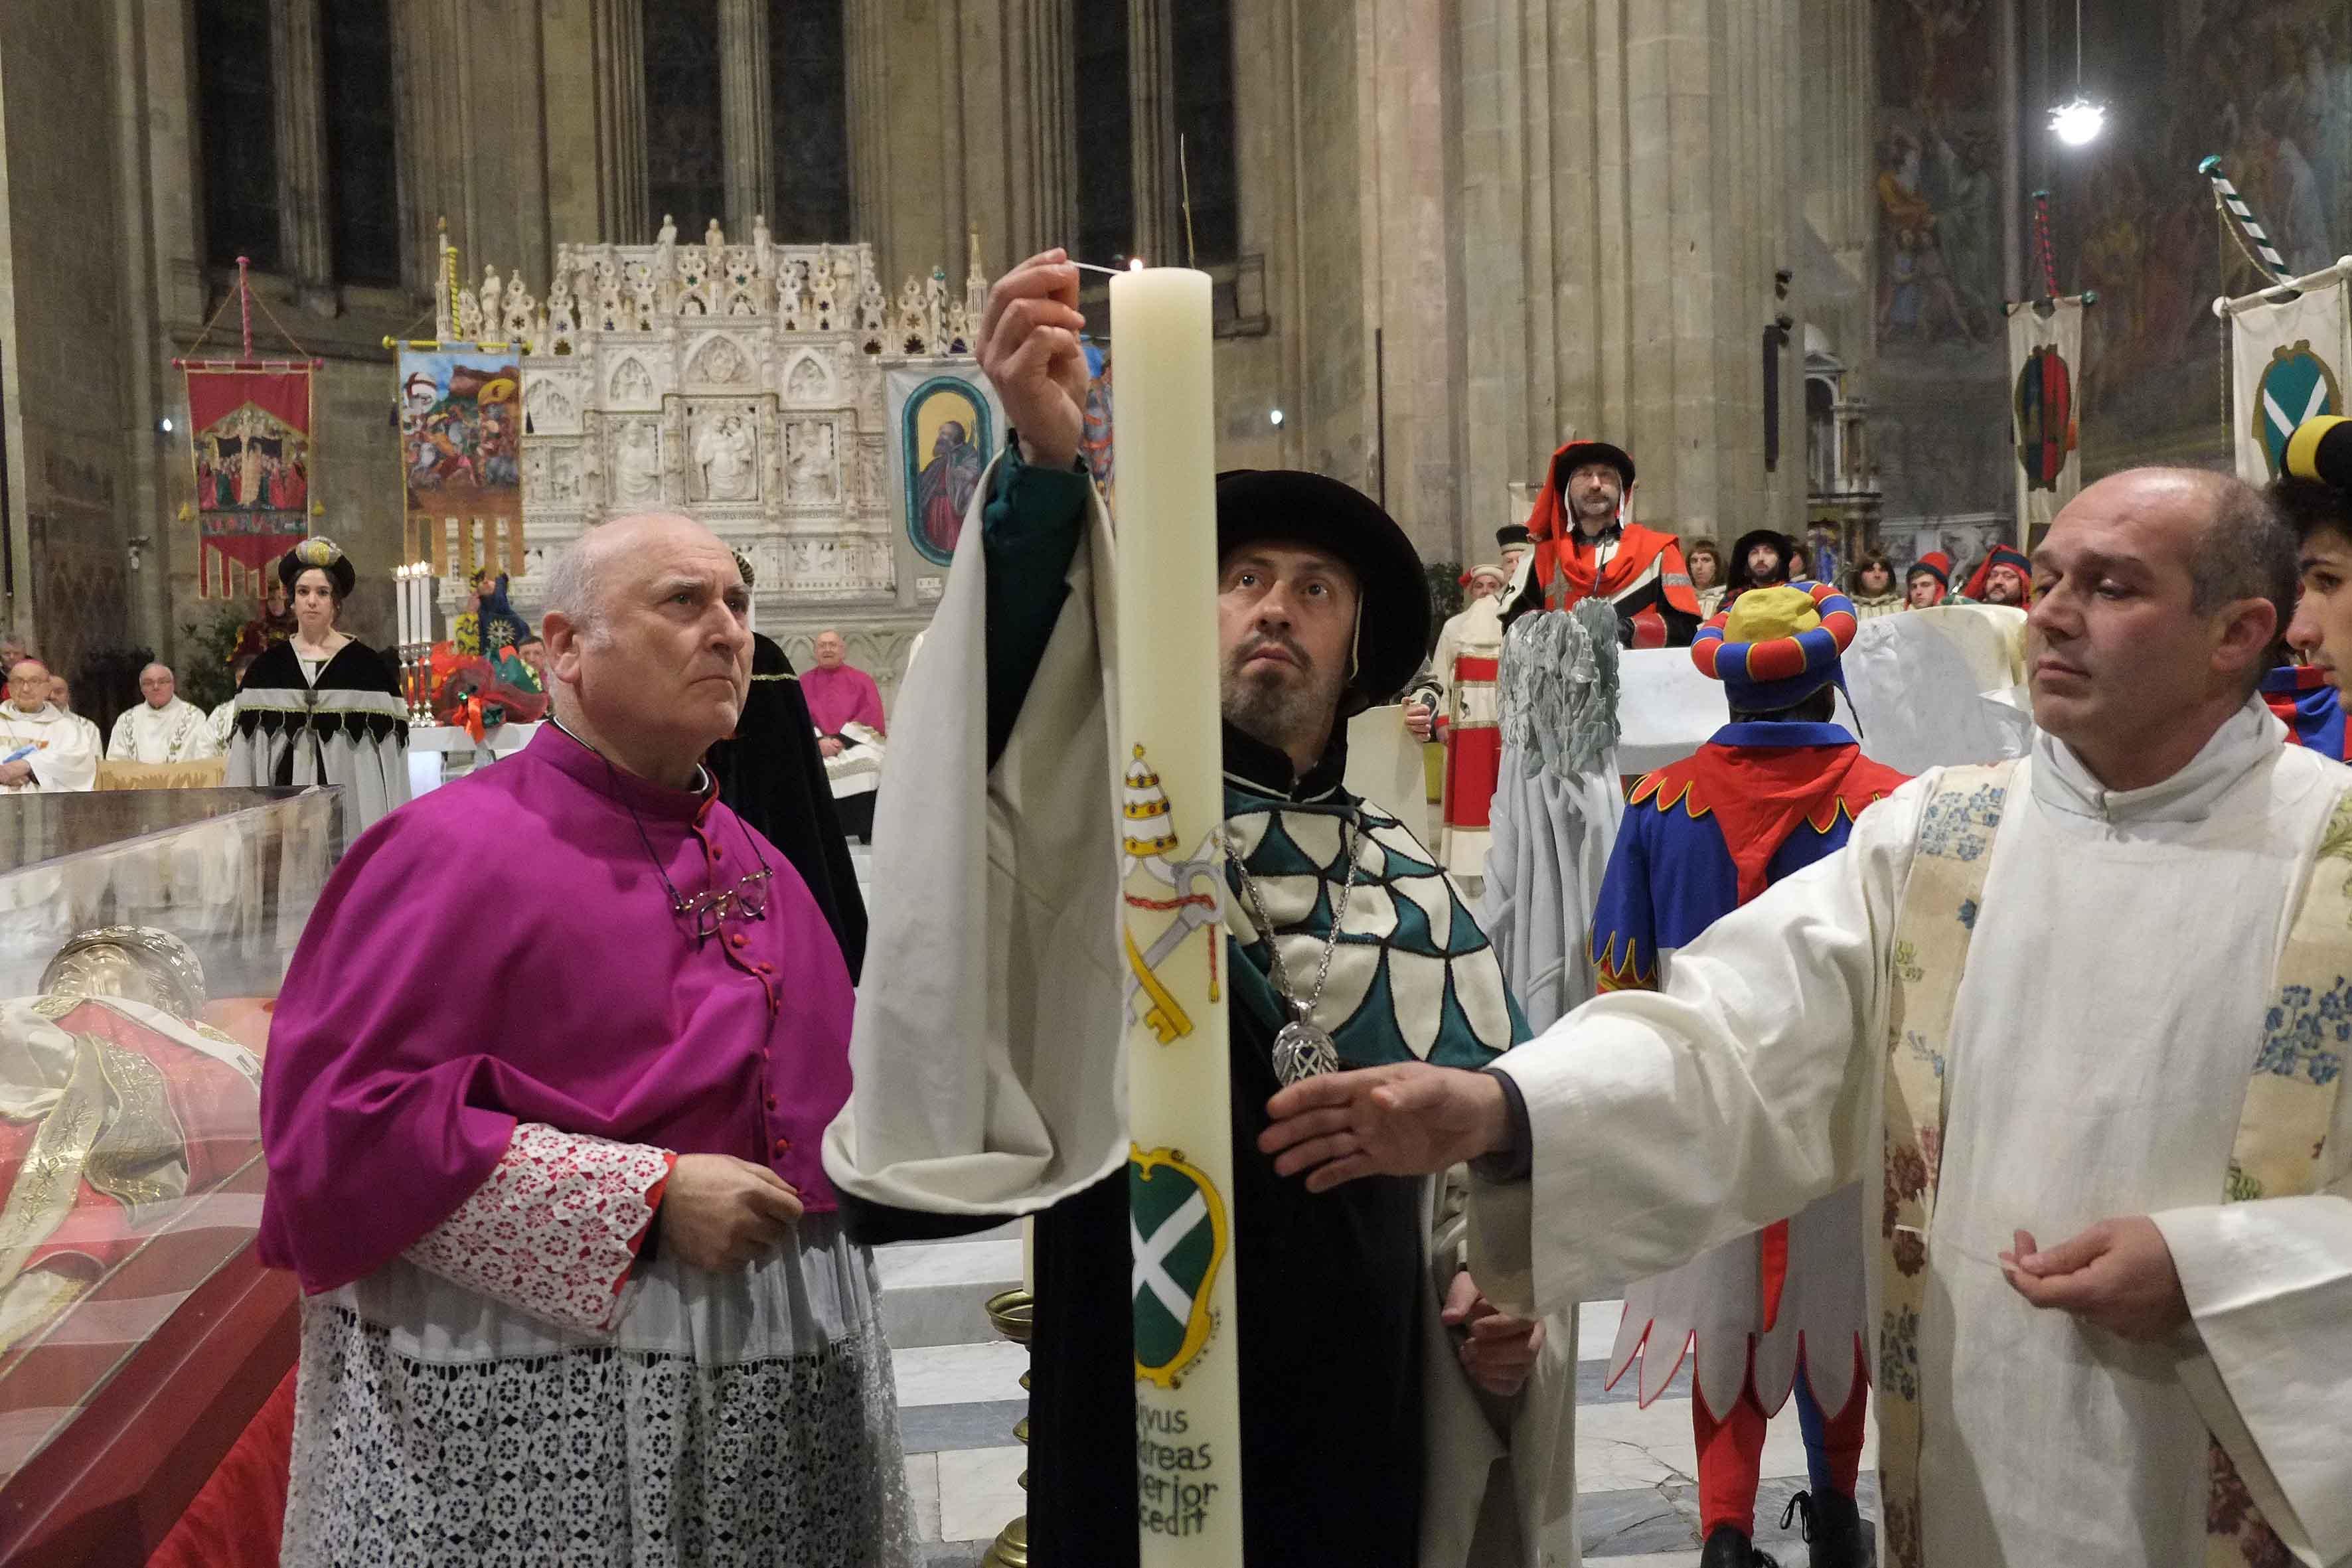 L'offerta dei Ceri al beato Gregorio X (fotogallery)